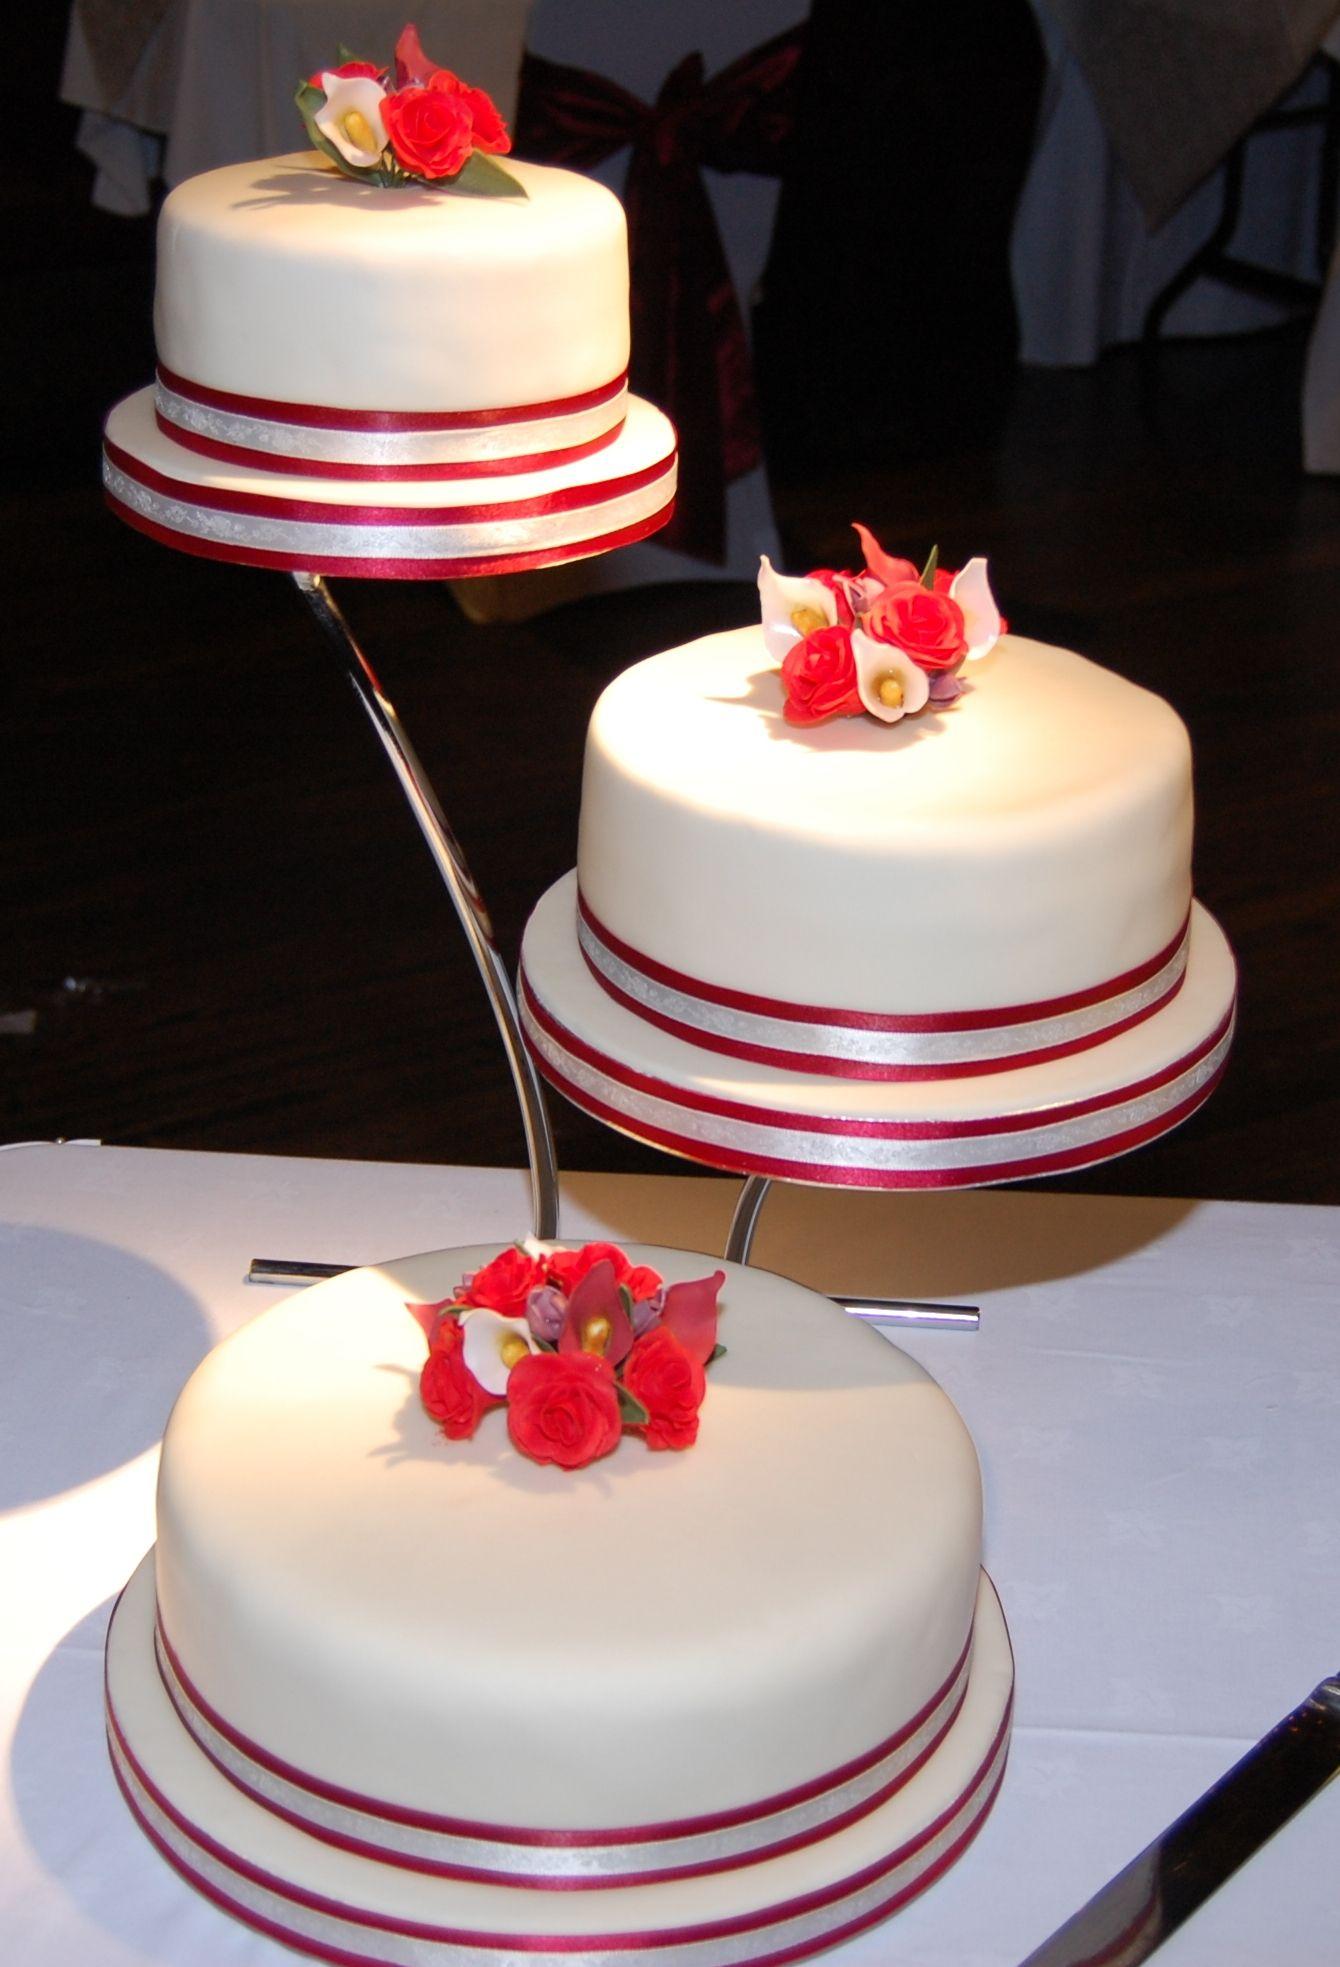 Low Cost 3 Tier Wedding Ceremony Cakes